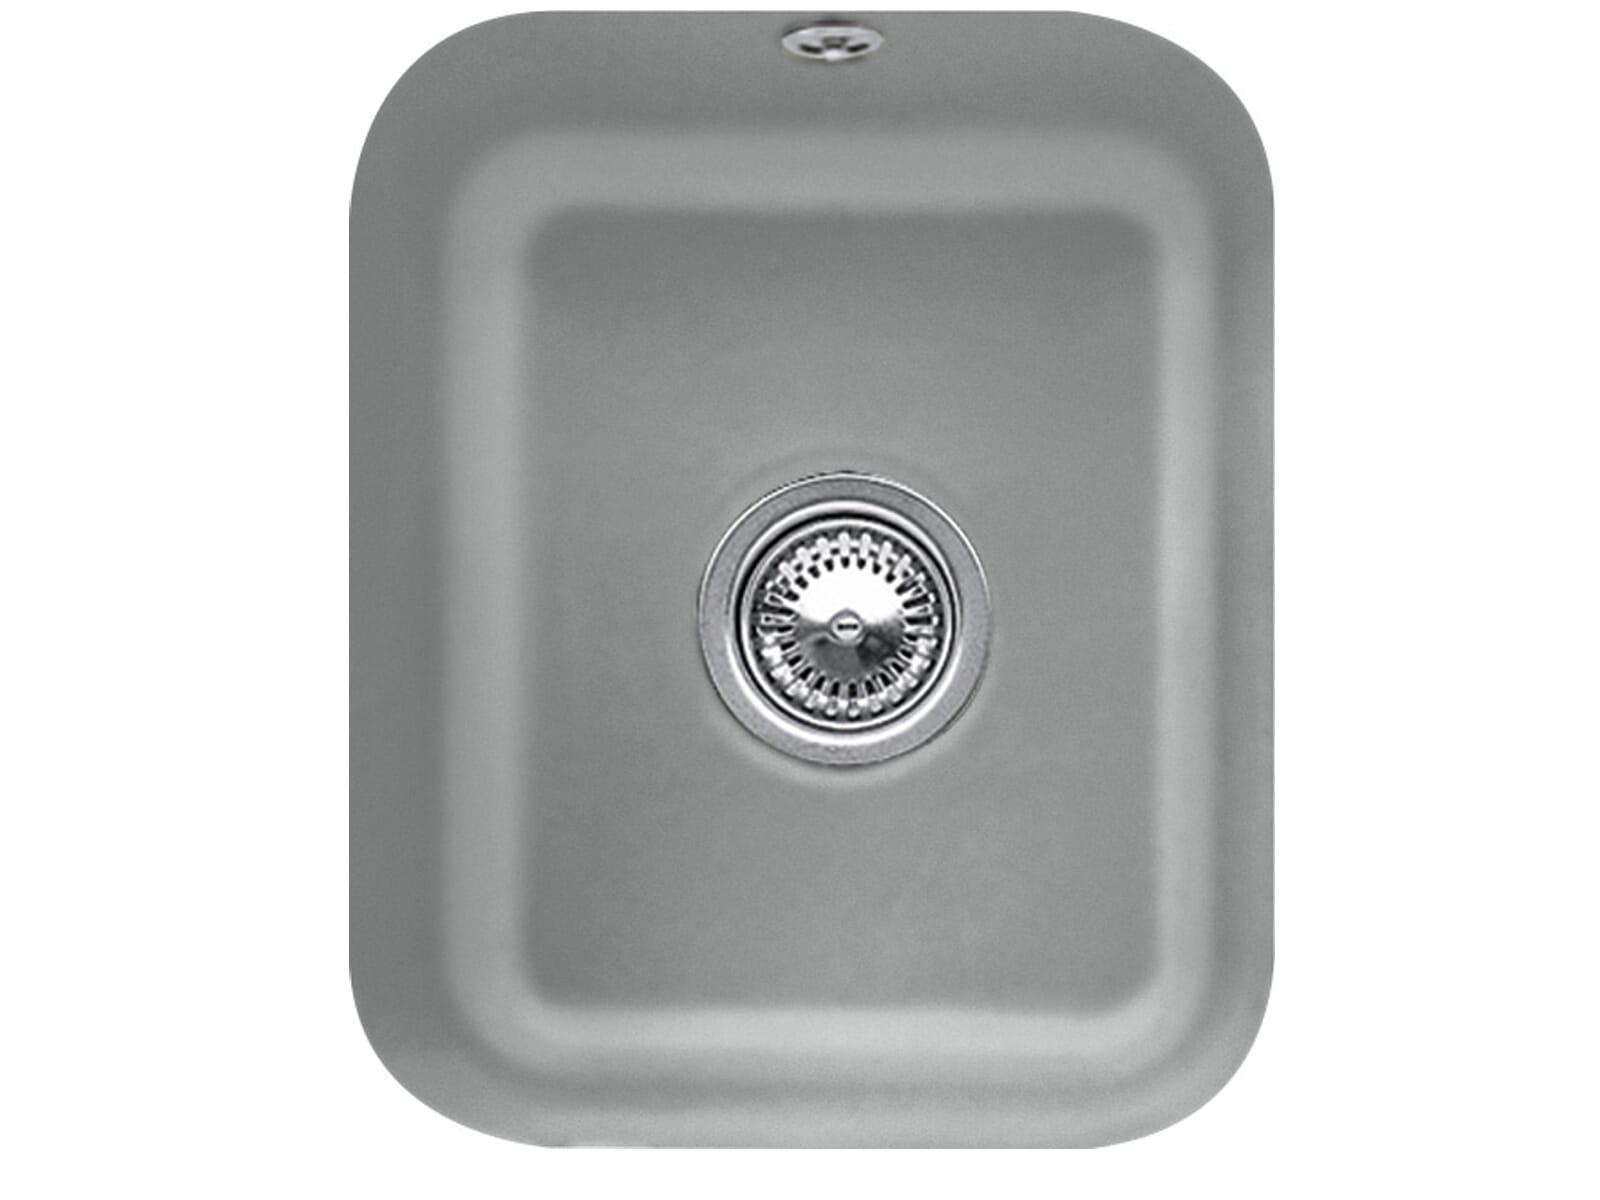 Villeroy & Boch Cisterna 45 Stone - 6704 01 SL Keramikspüle Handbetätigung